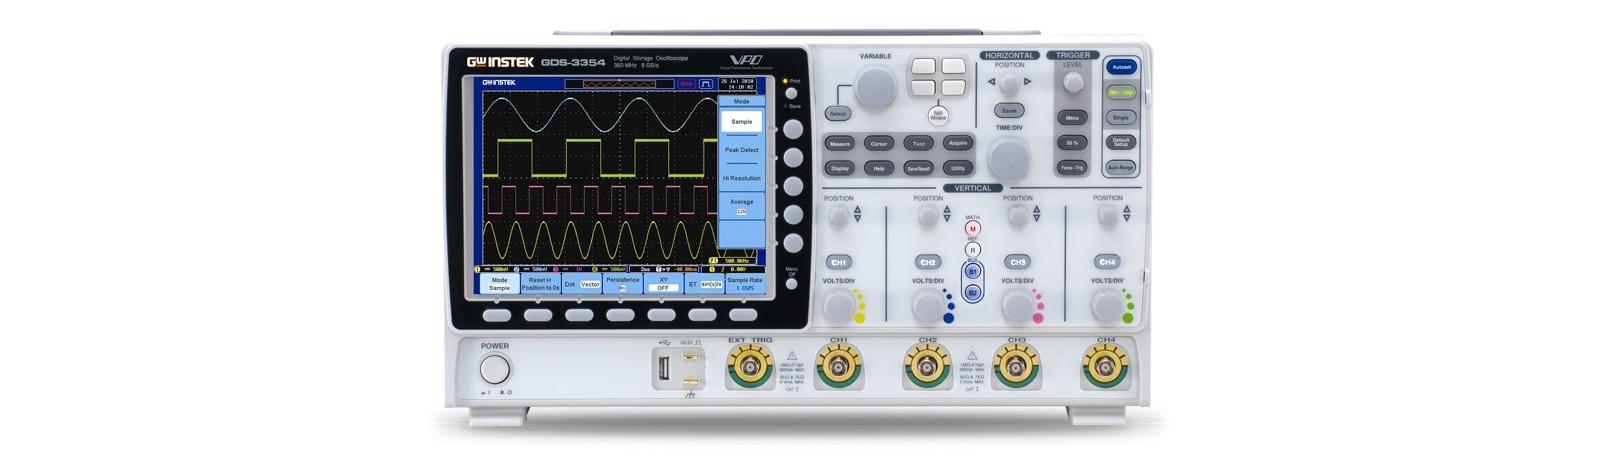 GW INSTEK GDS-3000 series oscilloscopes